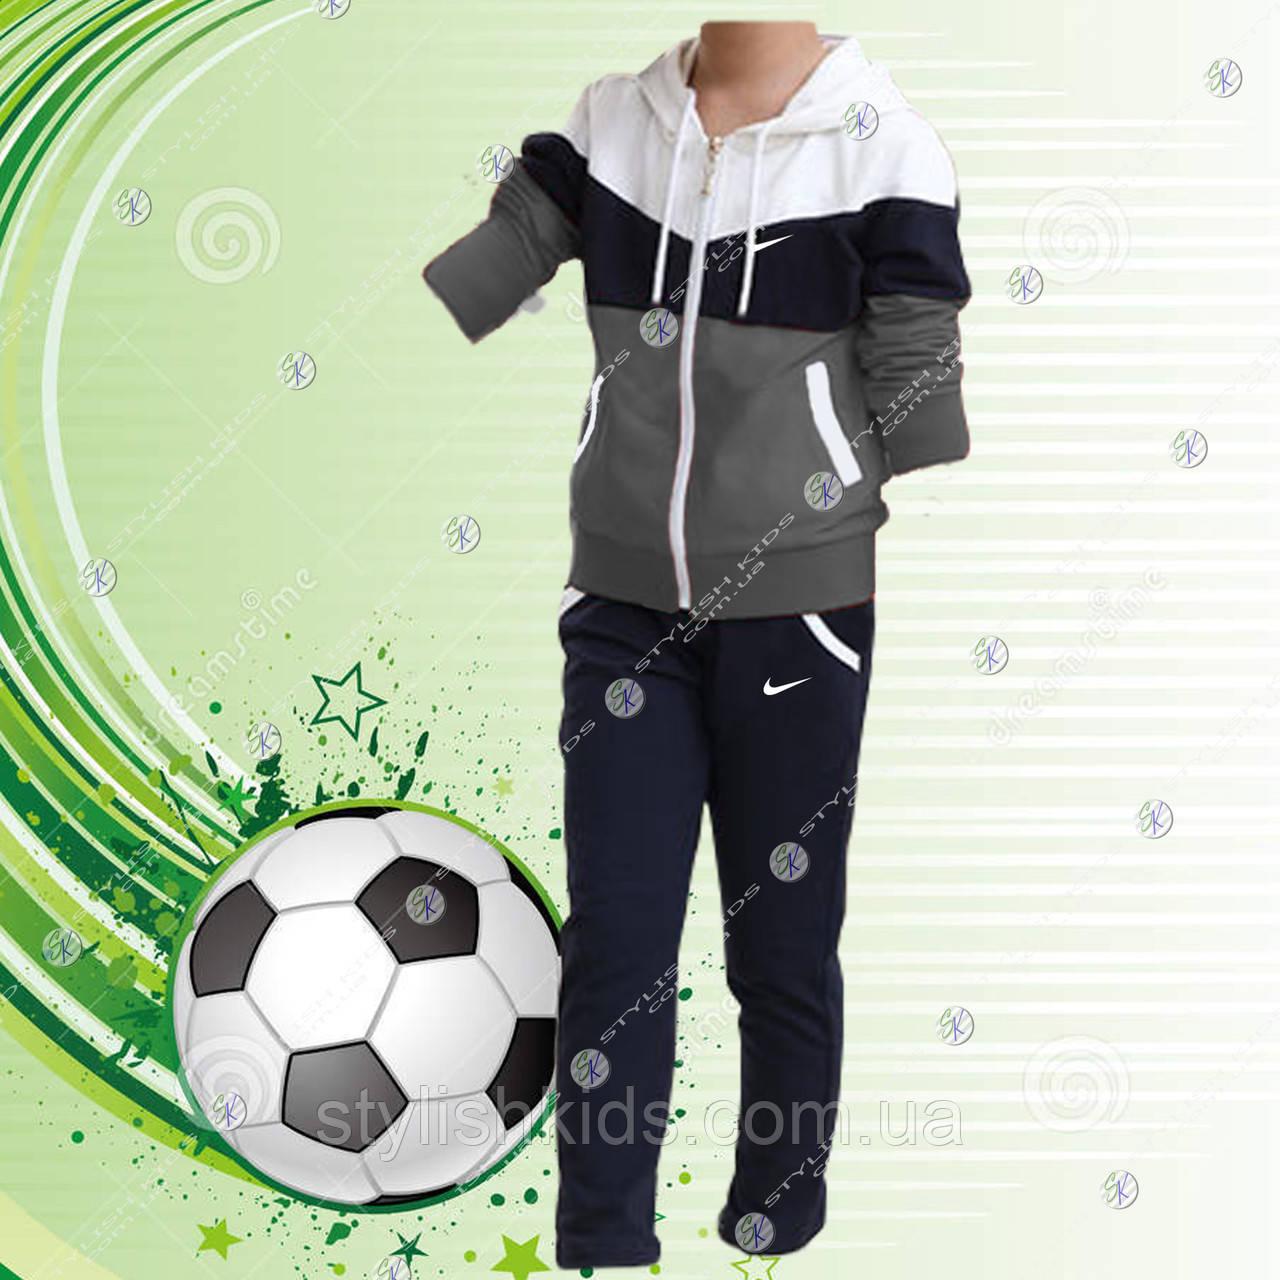 6f181277 Детский спортивный костюм найк в украине в Украине.Костюм спортивный на  мальчика купить в украине